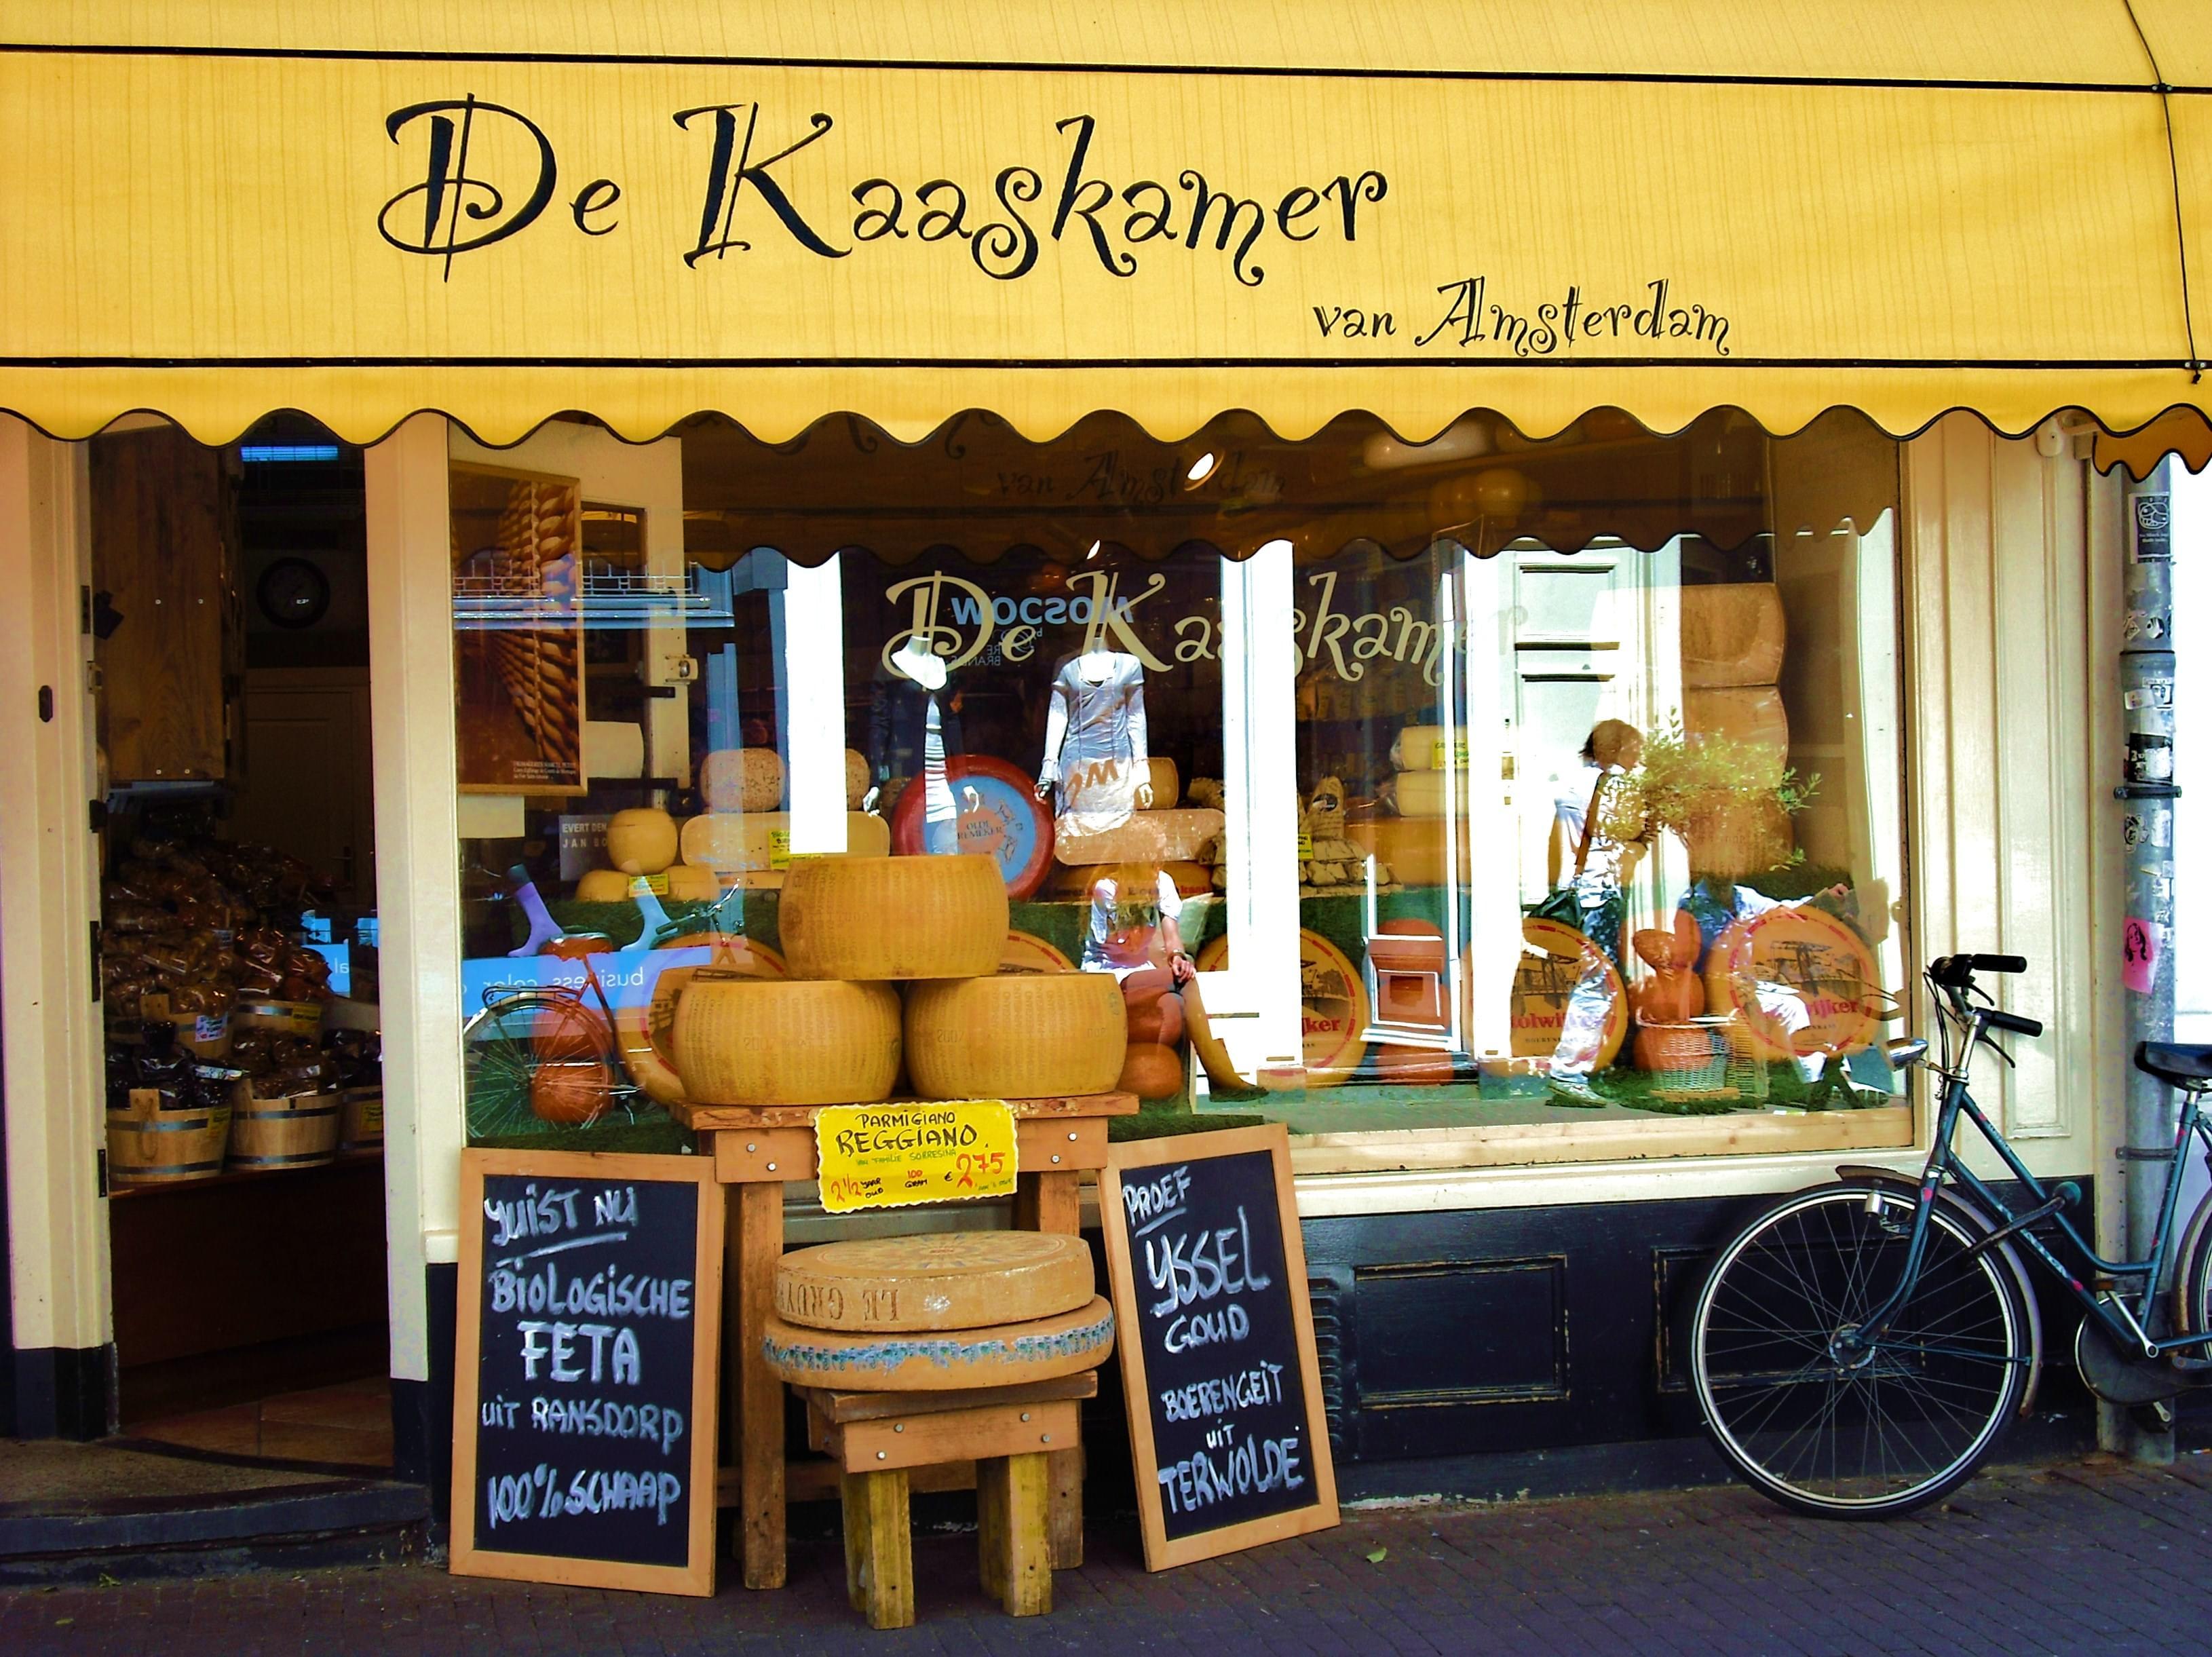 アムステルダムで人気のお土産ショップ13選!おすすめのチーズ、ミッフィーグッズも!